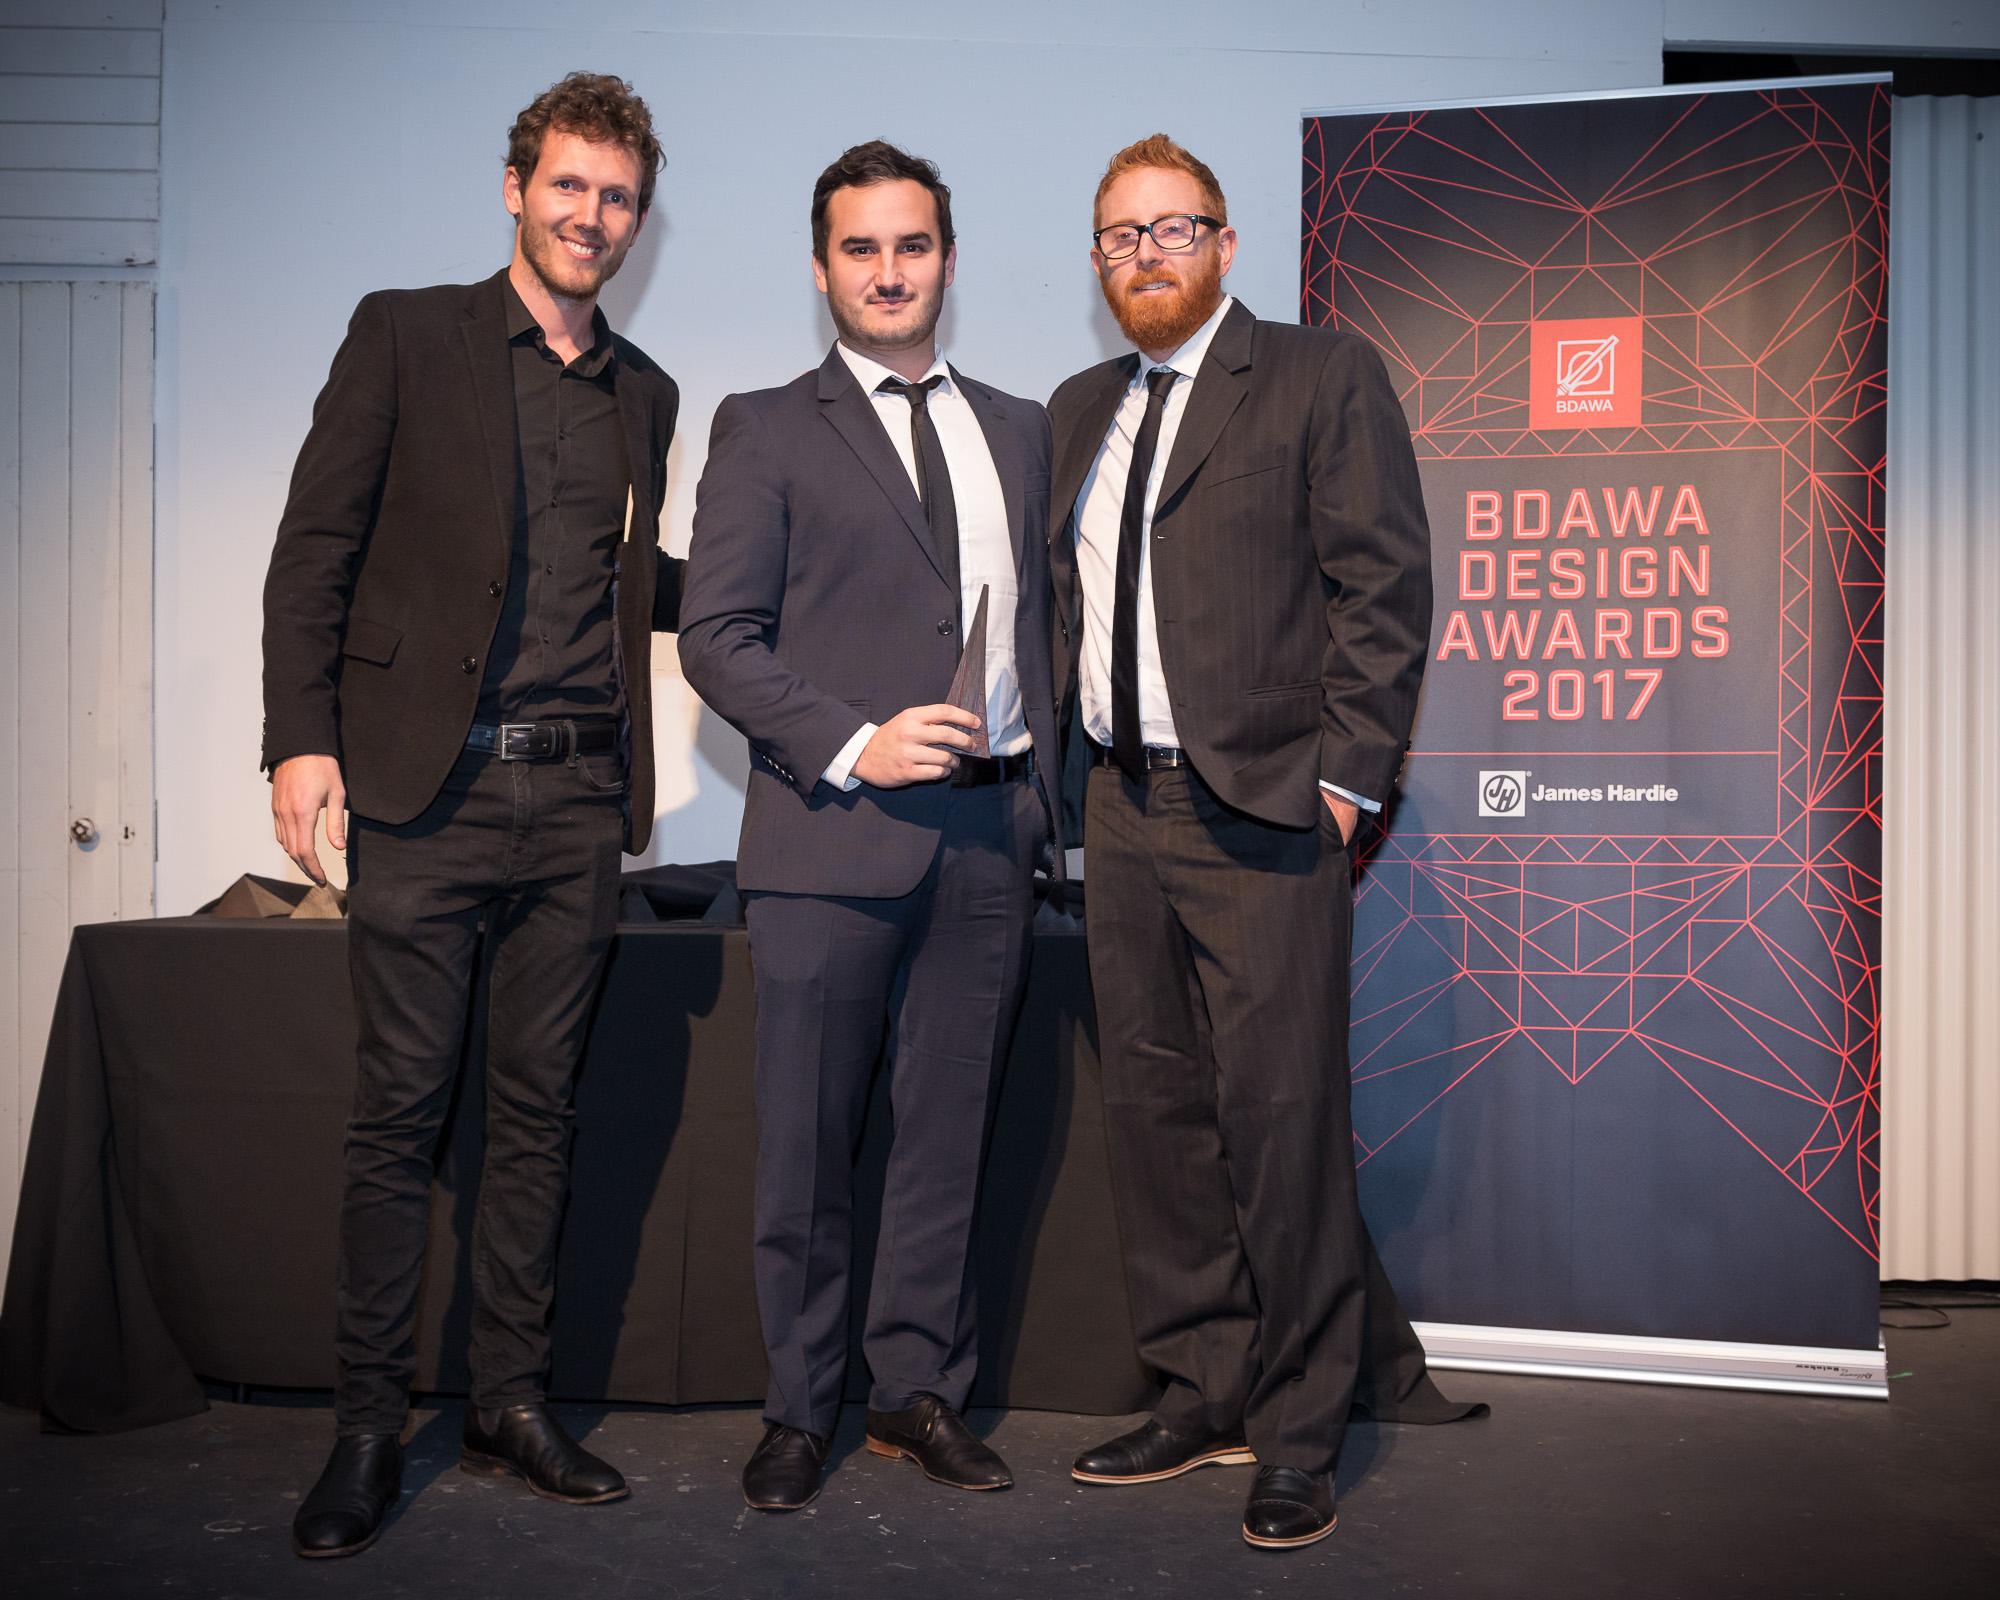 0159 BDA WA Awards 2017 _JHG7418.jpg